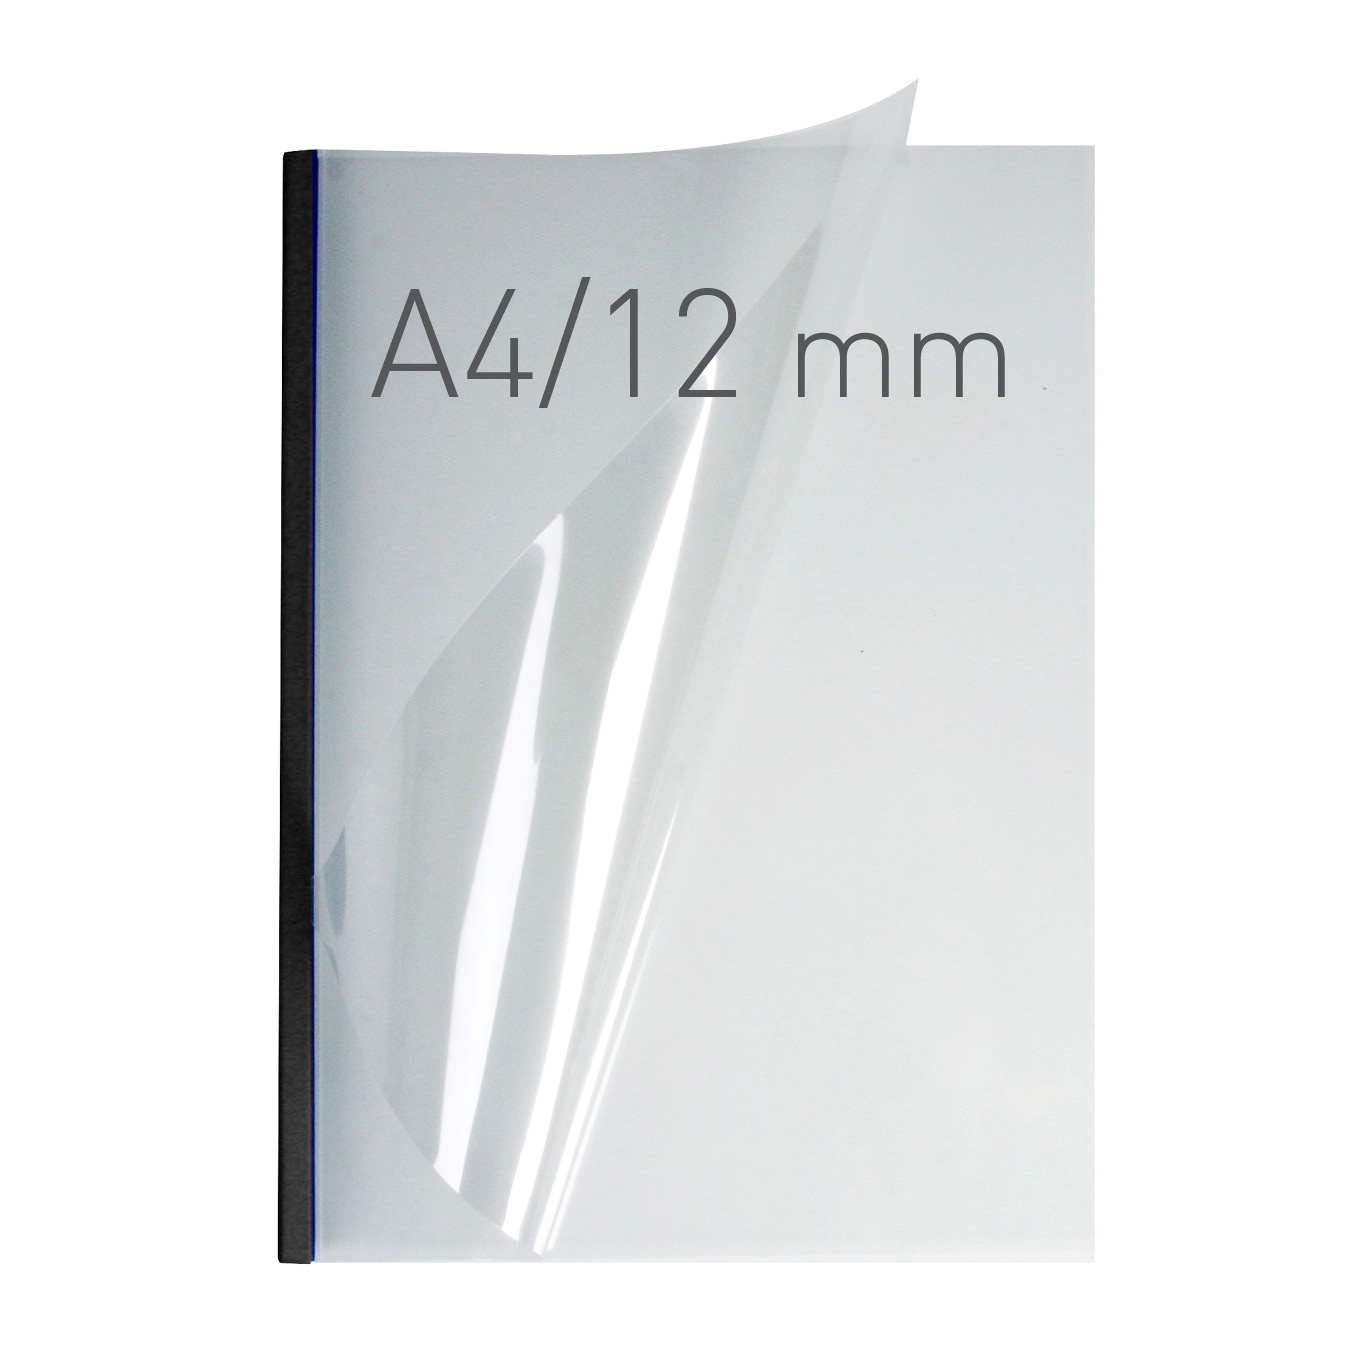 Przezroczyste termookładki miękkie - O.THERMOTOP Double Clear - (12 mm) - 297 x 210 mm (A4 pionowa) - czarny - 30 sztuk